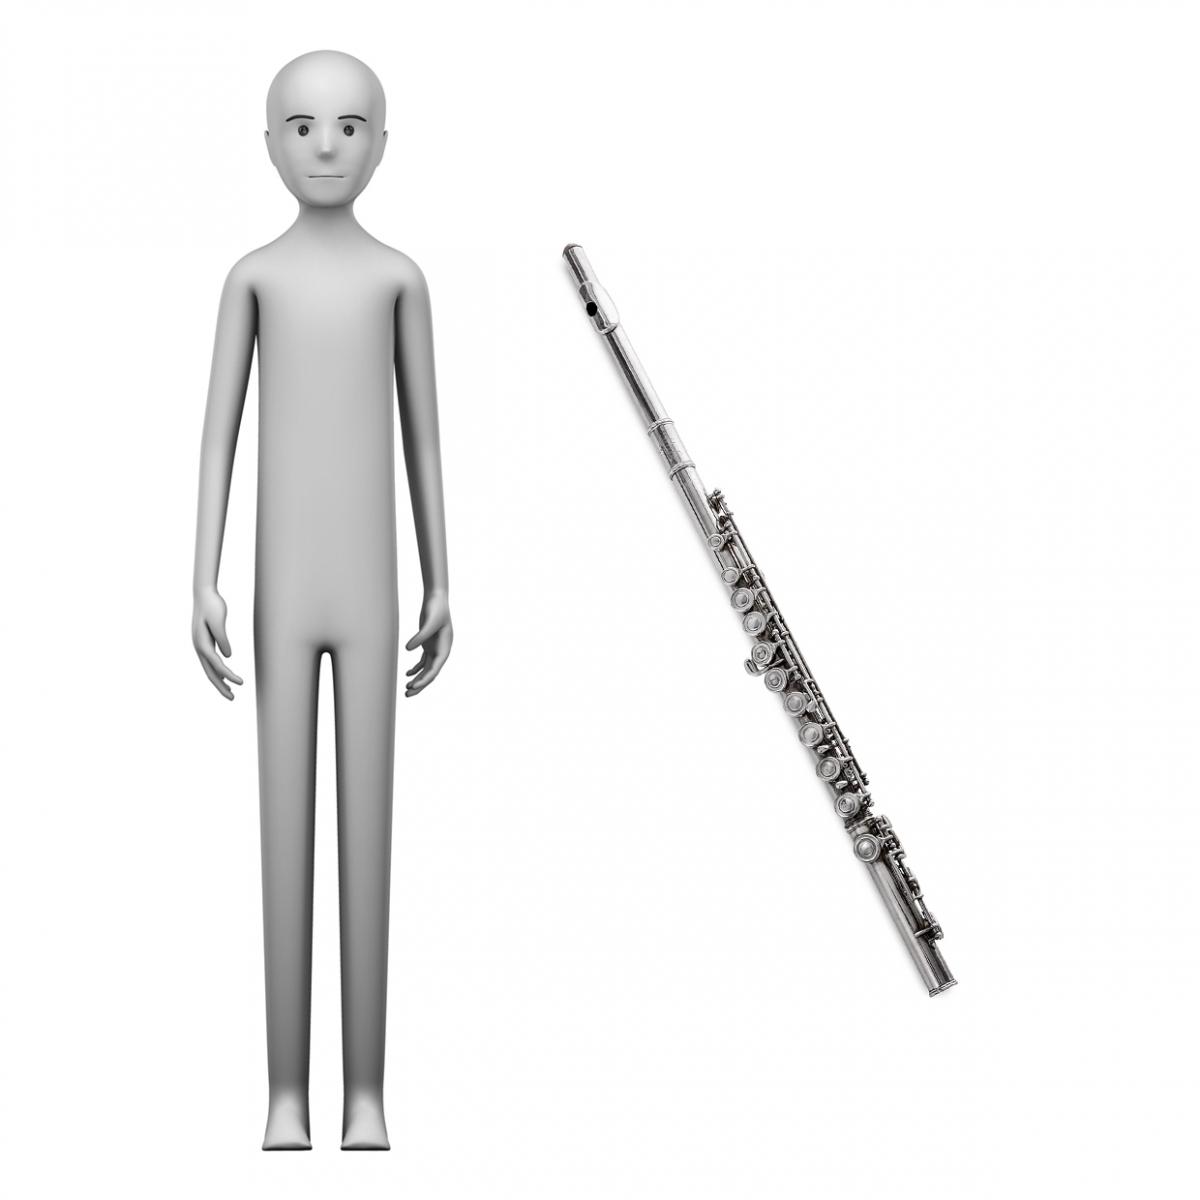 Imagen en la que se ve el concepto de profesión flautista